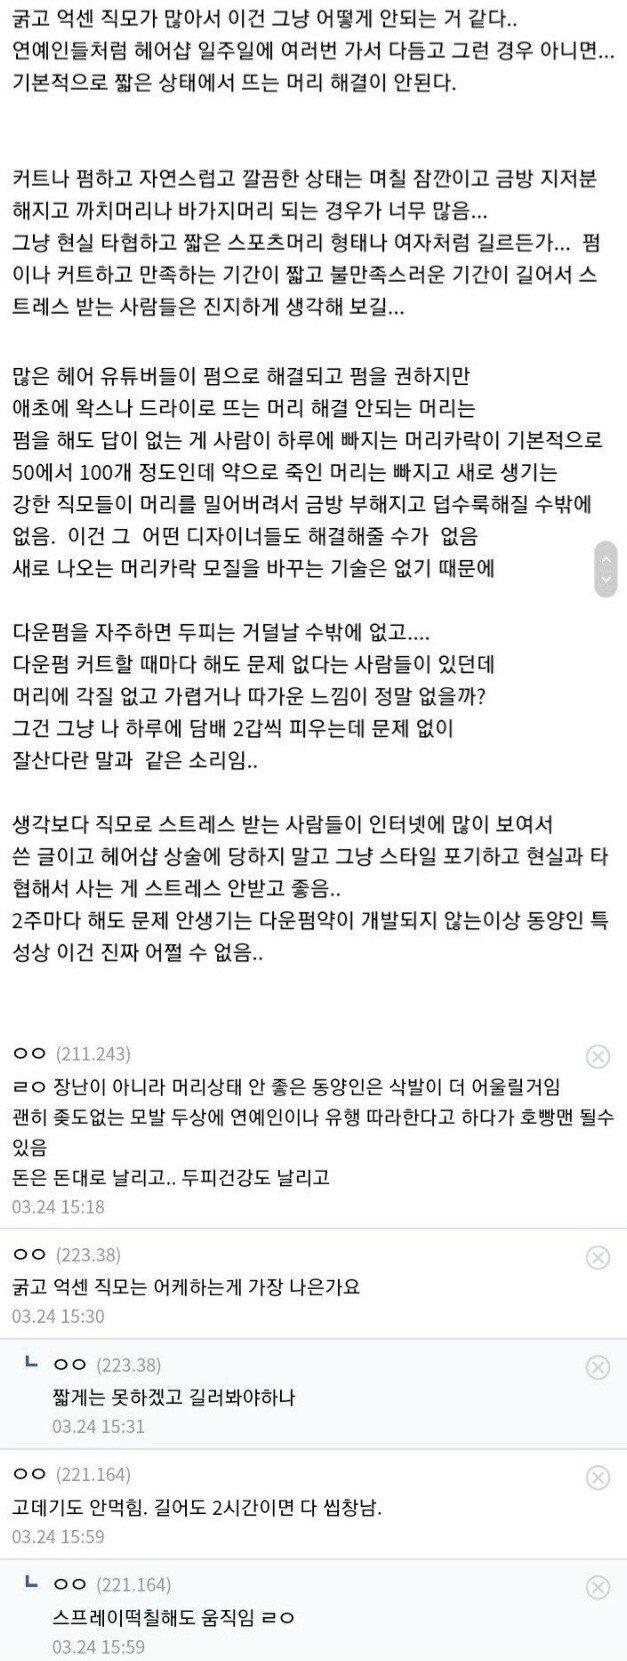 https://image.fmkorea.com/files/attach/new2/20210408/4477817/3022038318/3511013726/430536cc063f3365d6b8242fa4a79dcc.jpg